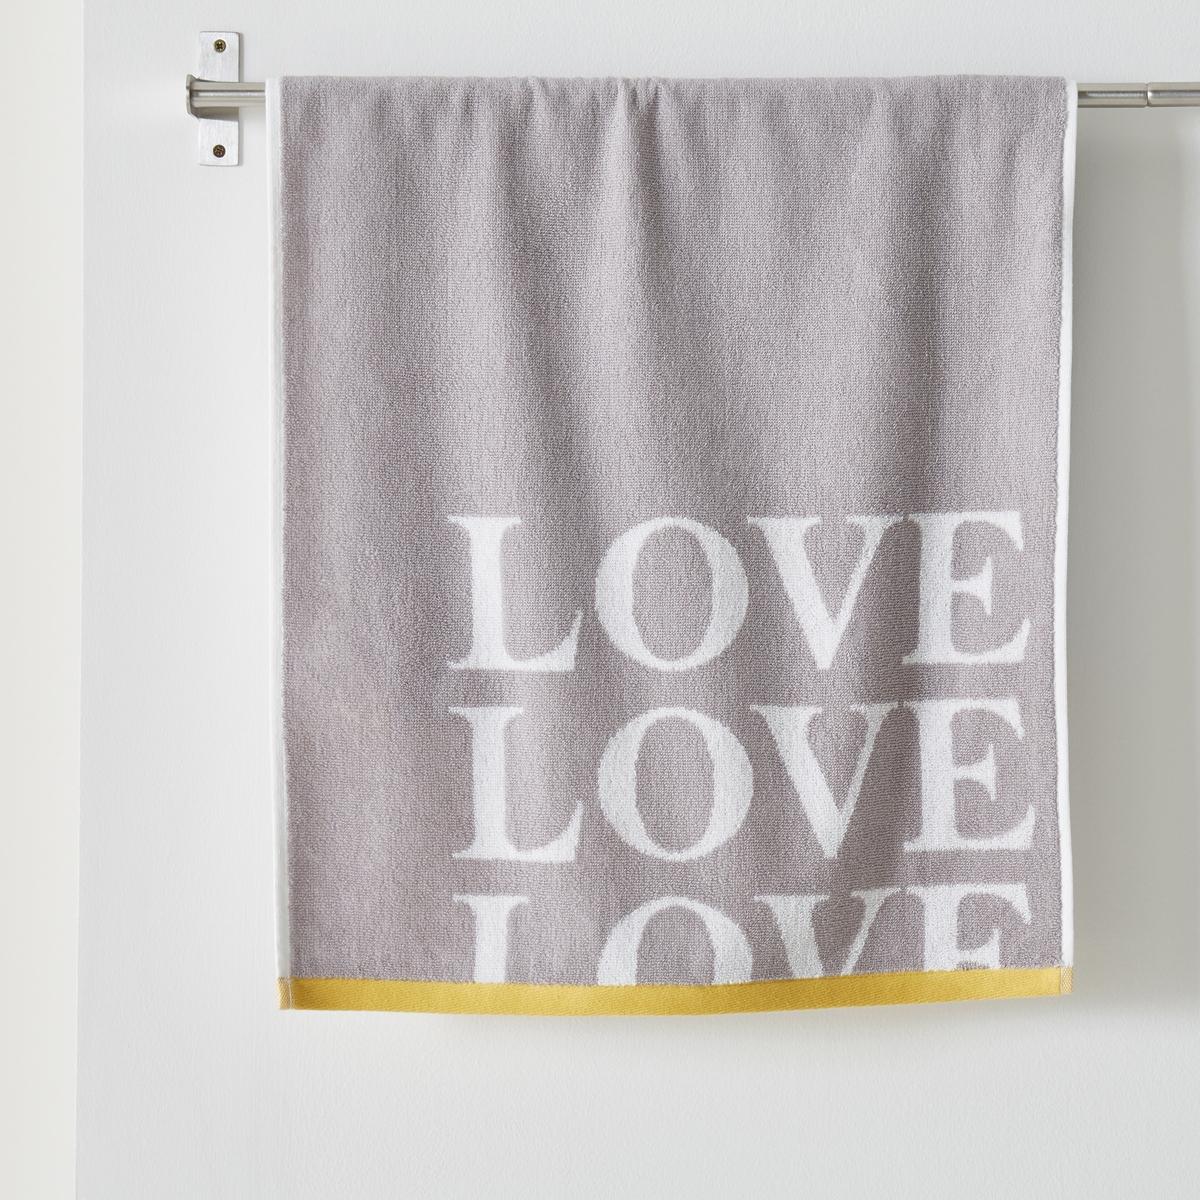 Полотенце, 100x150, 100% хлопка, LOVE.Характеристики:Материал: махровая ткань, 100% хлопка (500гр/м?).Уход: Машинная стирка при 60°С..Размеры:100 x 150 см.    Вы можете приобрести также другие модели полотенец на нашем сайте.<br><br>Цвет: антрацит,серый жемчужный